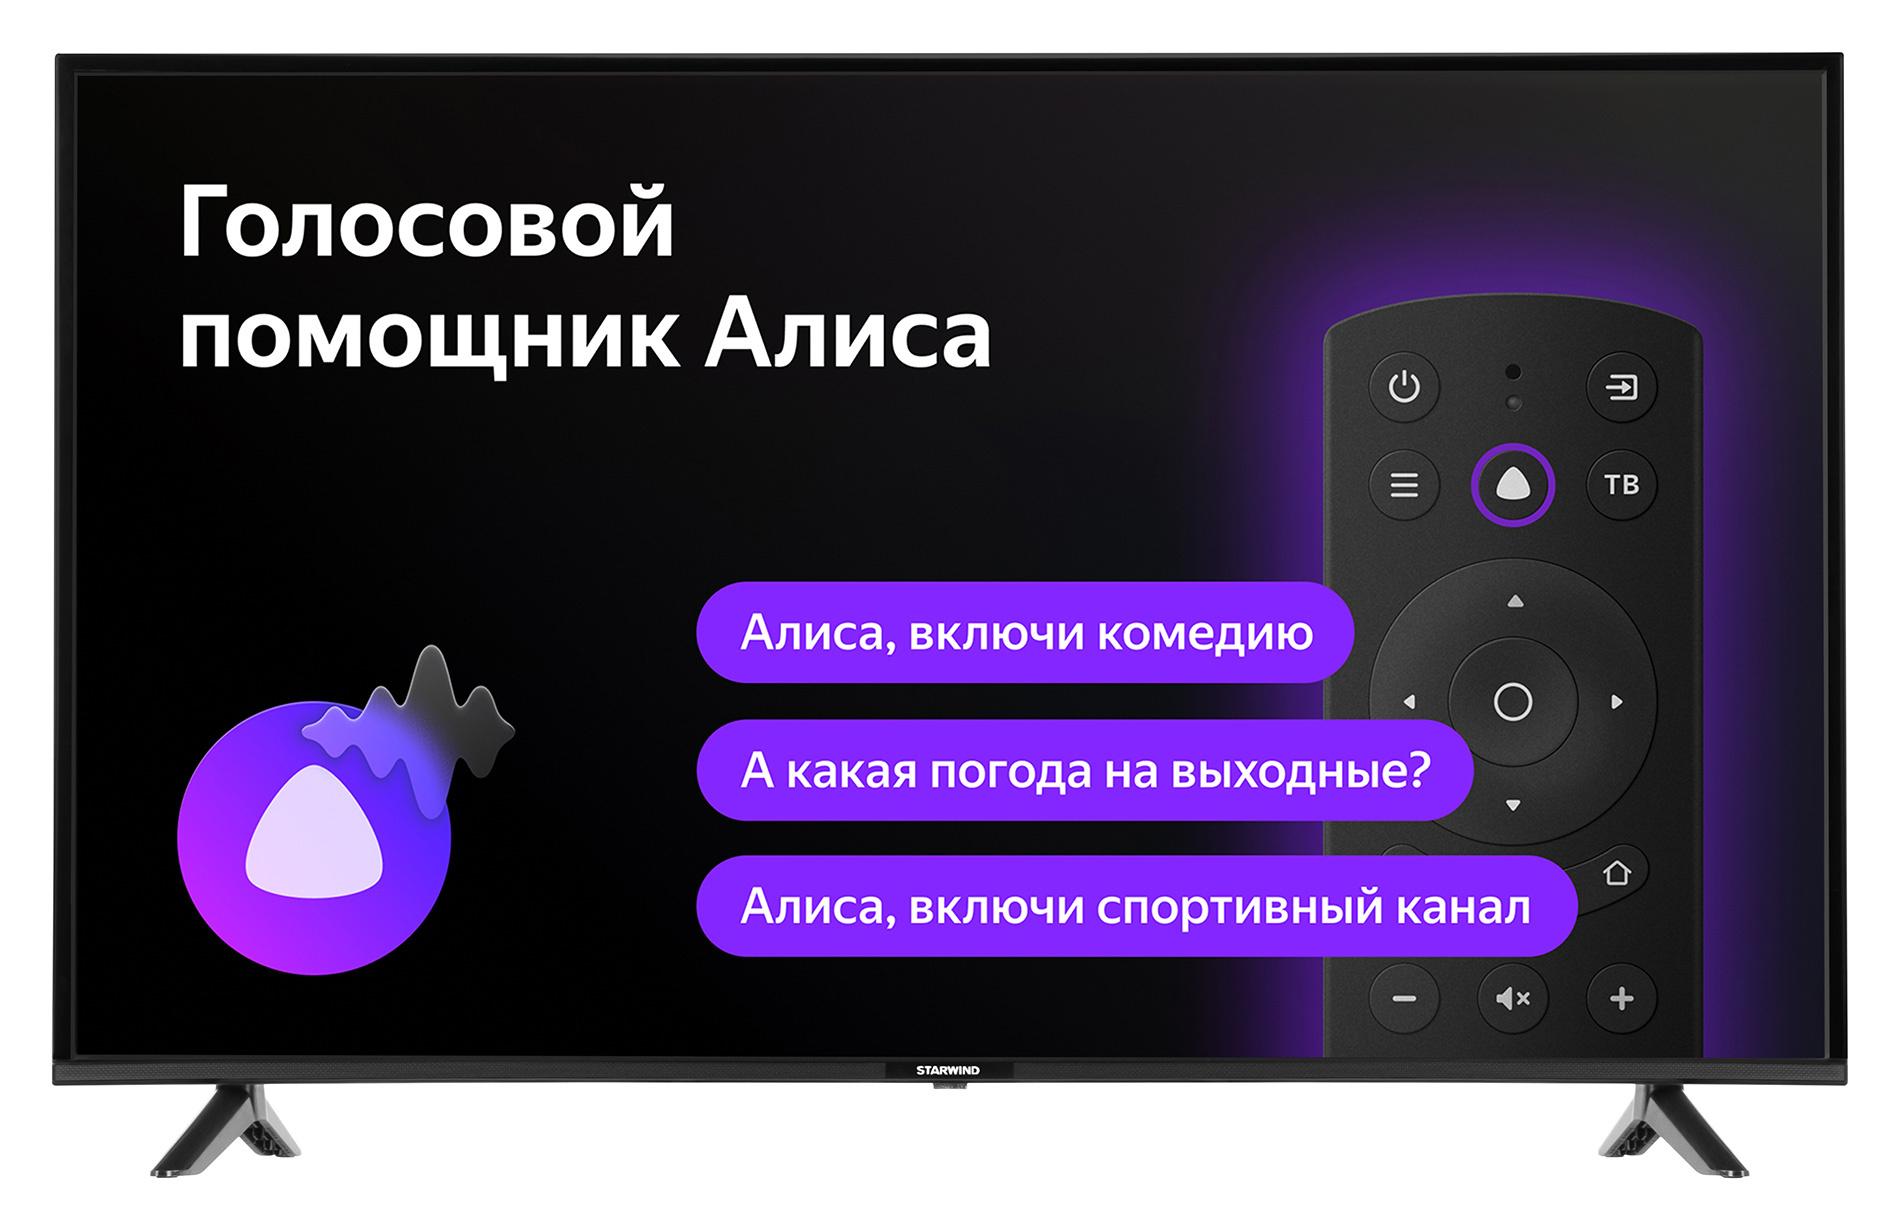 https://images.merlion.ru/145/1451712/1451712_v05_b.jpg